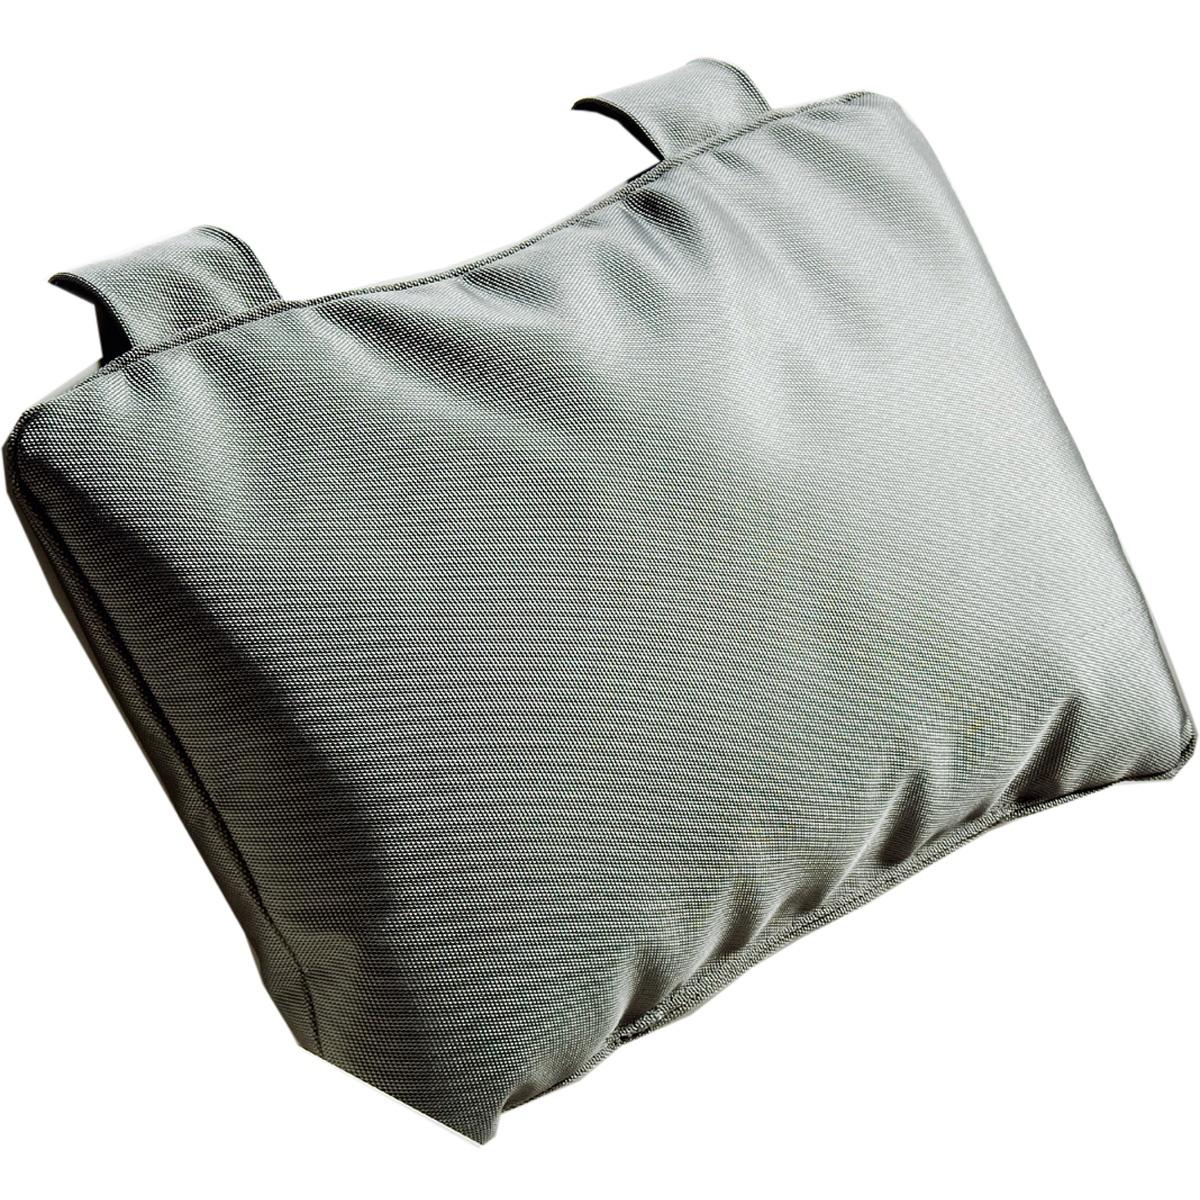 decor walther 0952093 loft nkg nackenkissen schilfgrau kundenbewertung und beschreibung. Black Bedroom Furniture Sets. Home Design Ideas